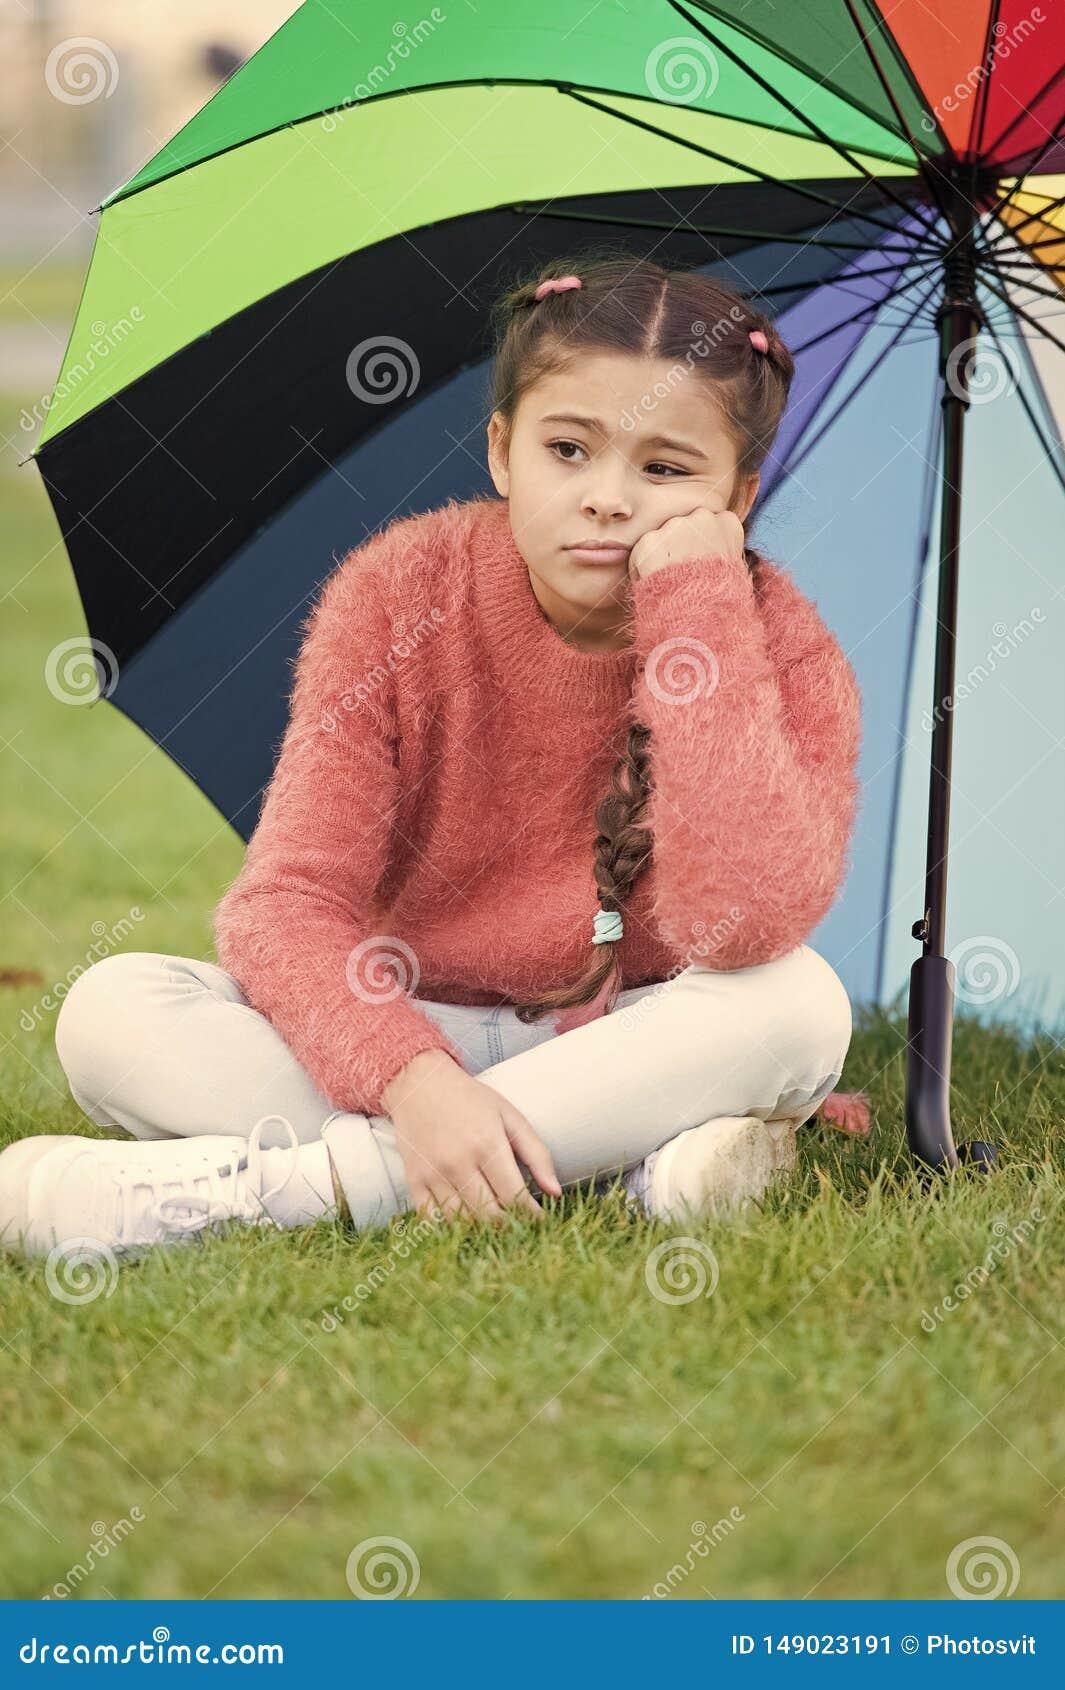 方式照亮您的秋天心情 快乐的心情的五颜六色的辅助部件 女孩儿童长发哀伤由于秋天天气